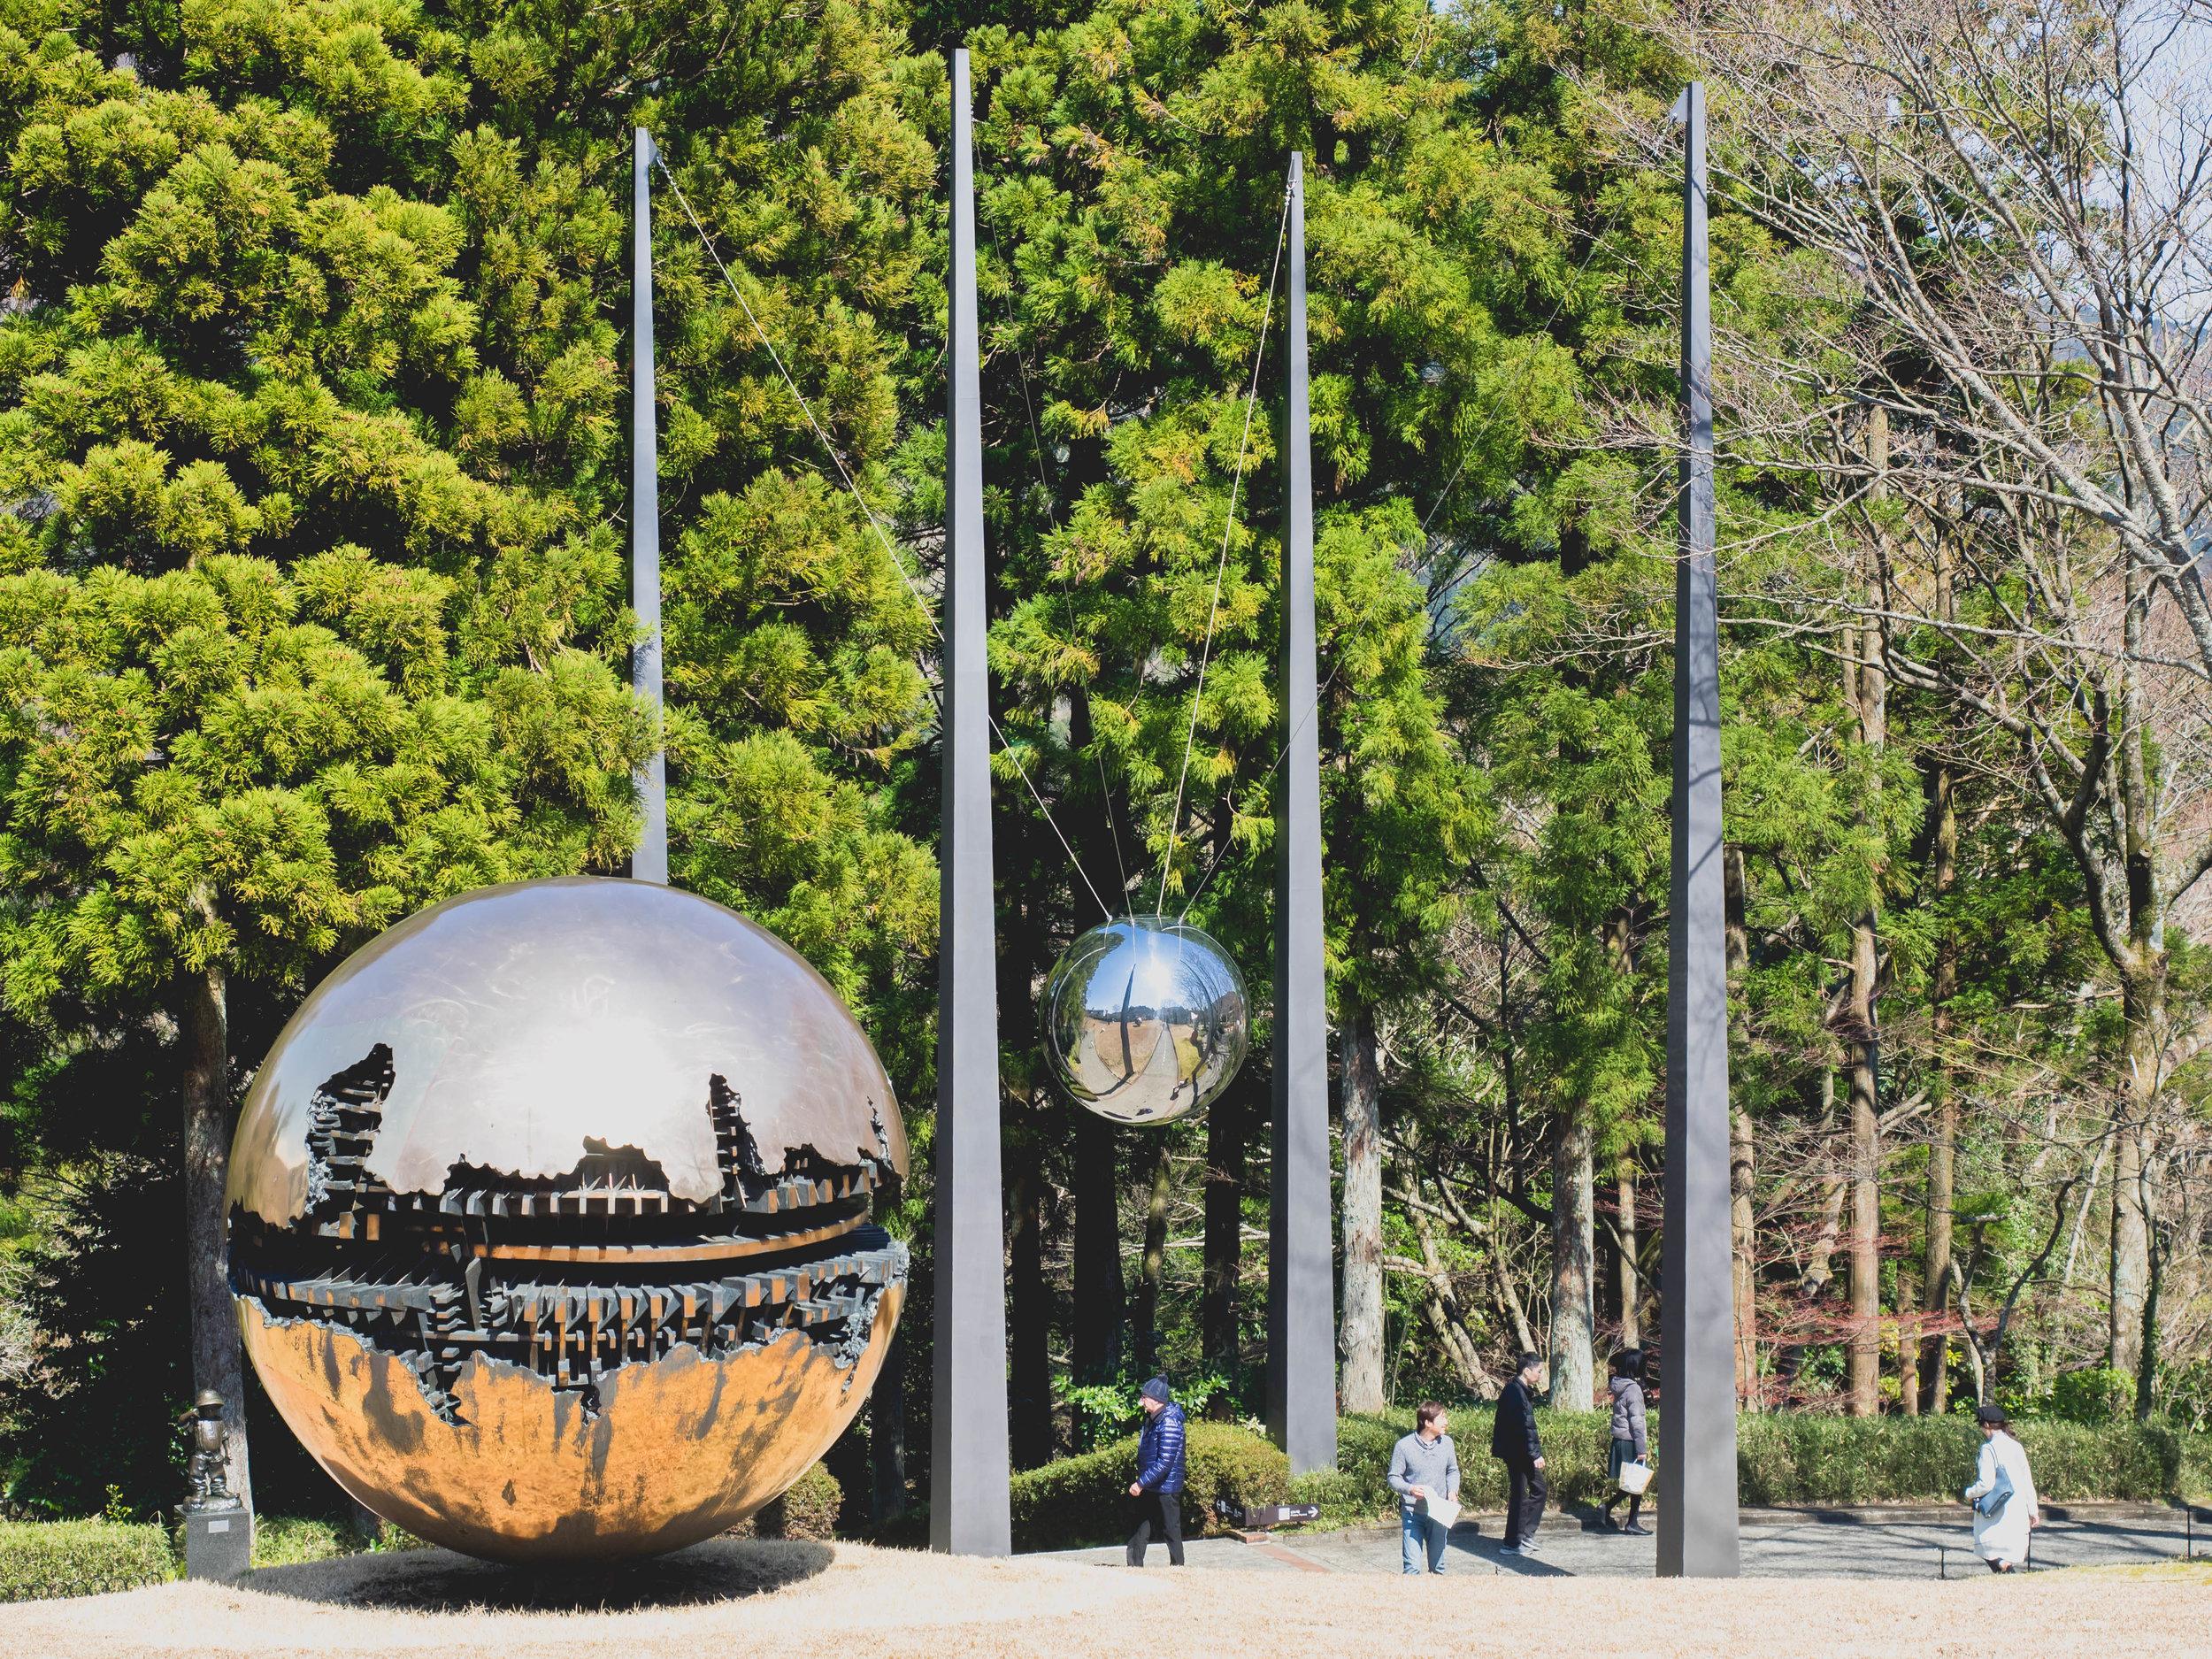 sfera con sfera, arnaldo pomodoro; my sky hole, bukichi inoue.